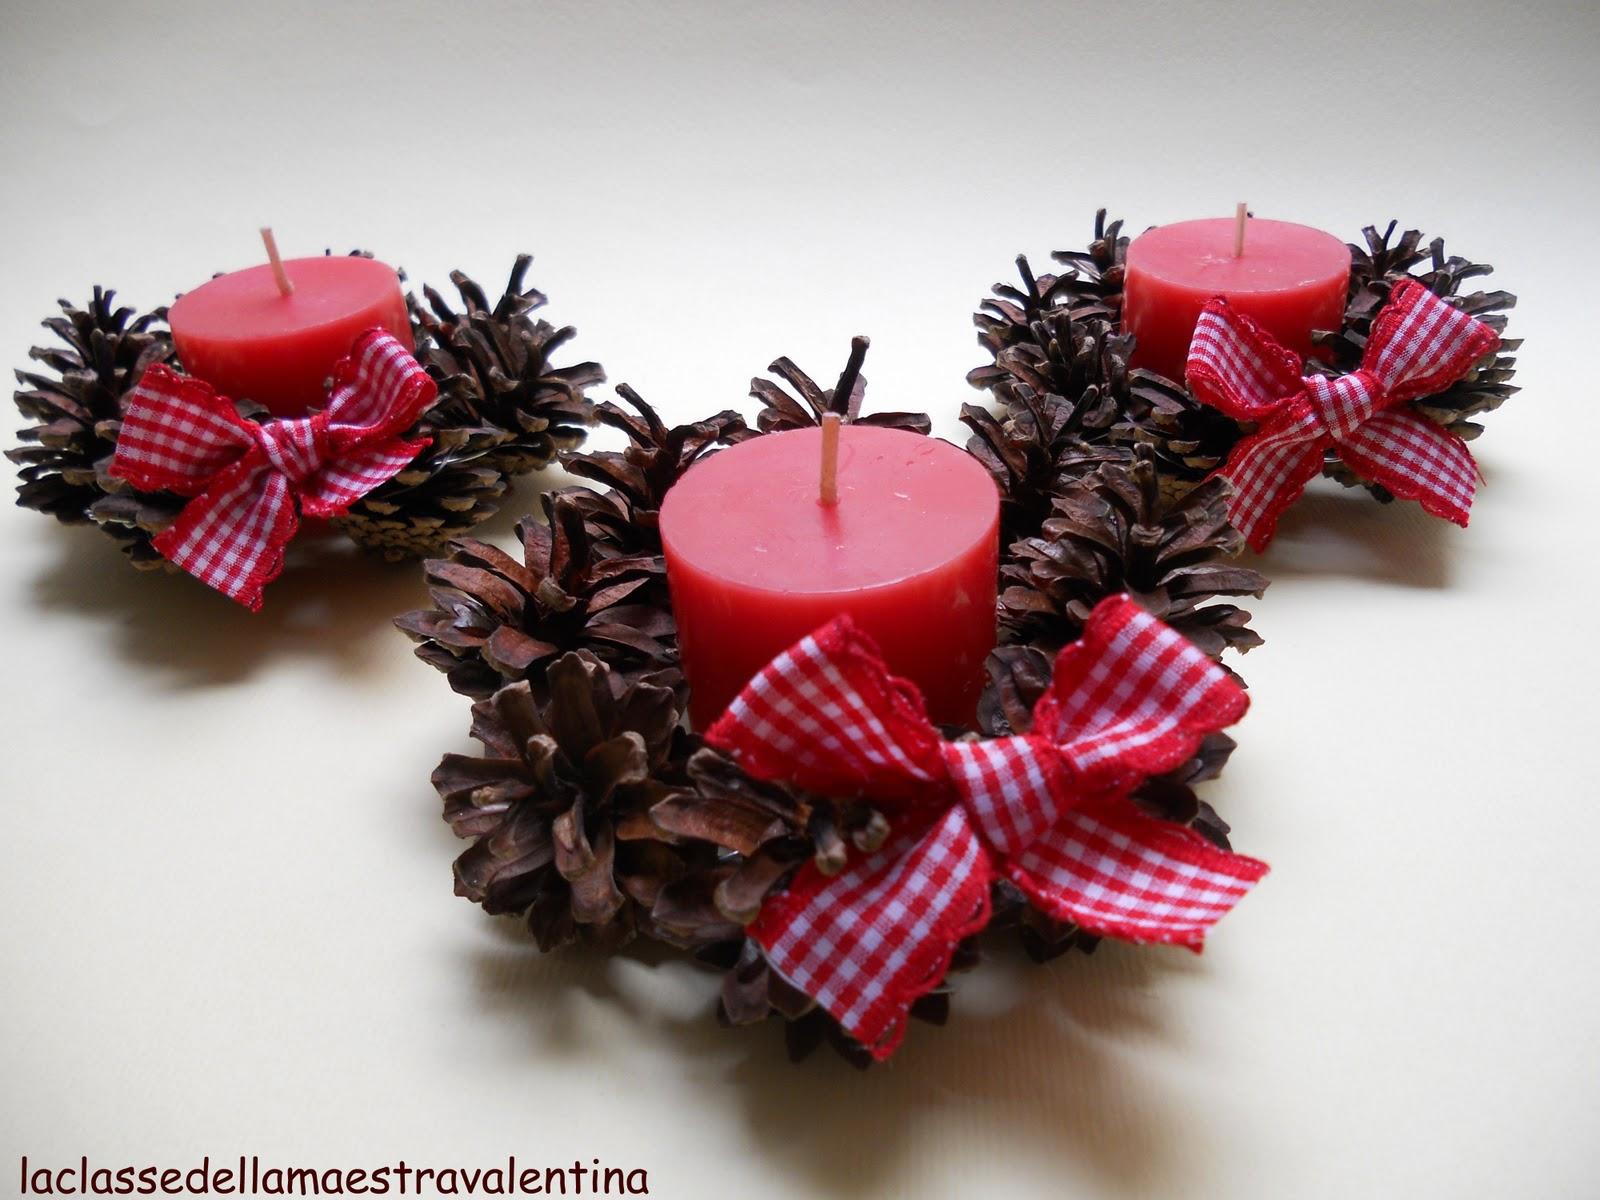 La classe della maestra valentina piccole ghirlande di pigne for La maestra valentina